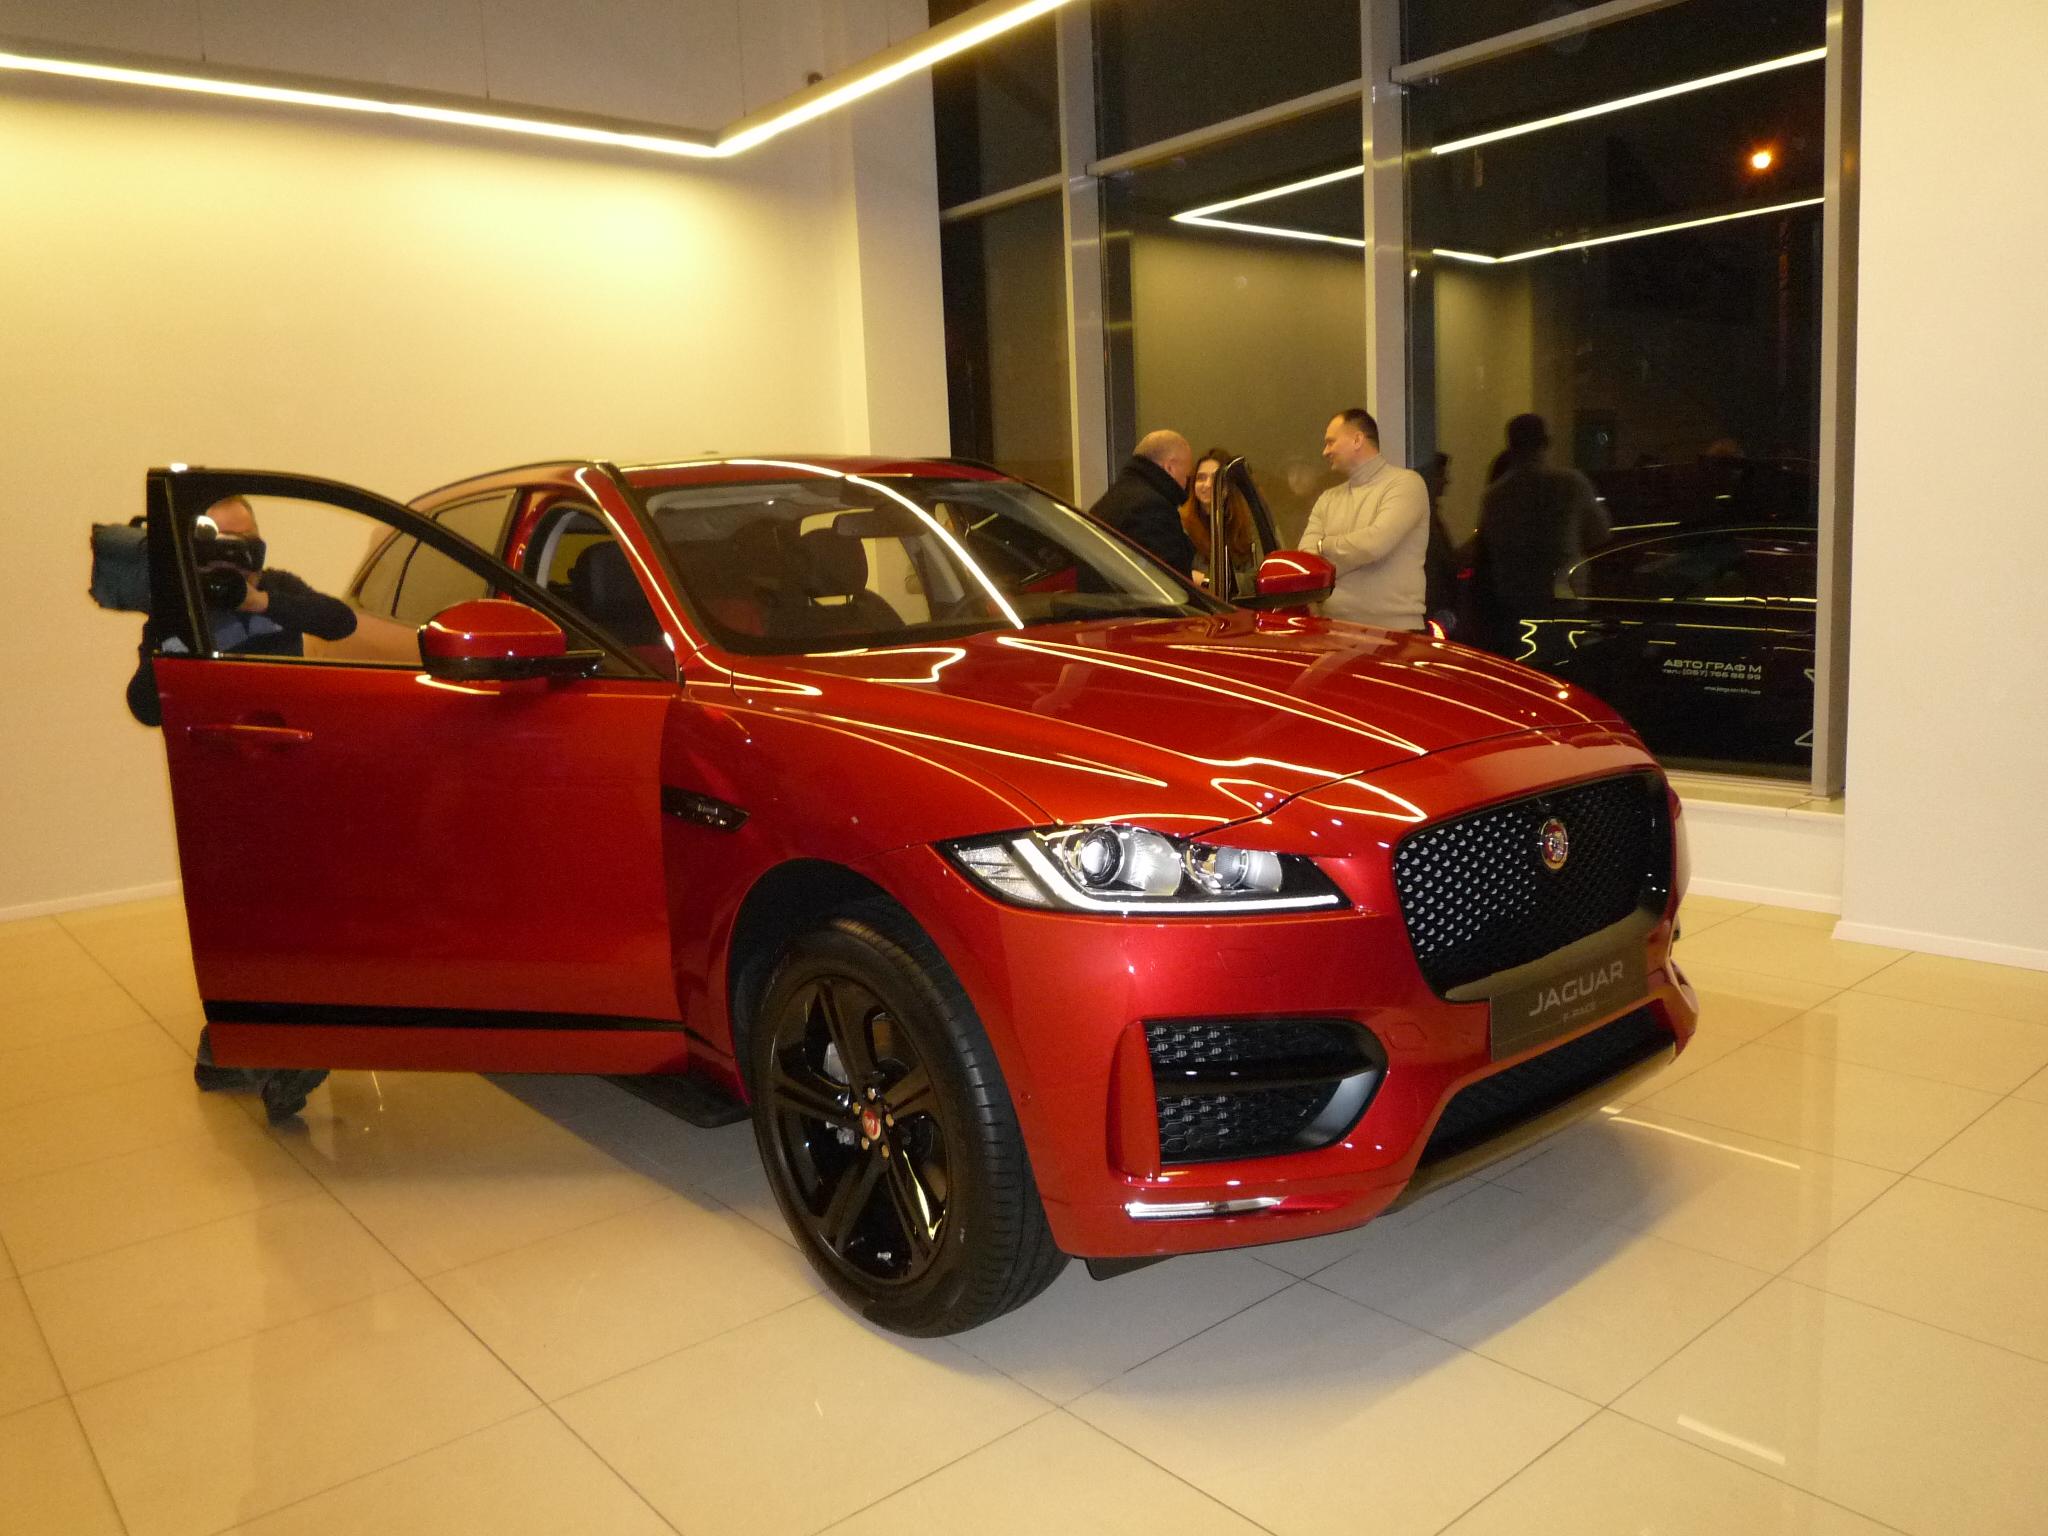 Новый кроссовер Jaguar F-PACE приехал в Харьков (ФОТО)